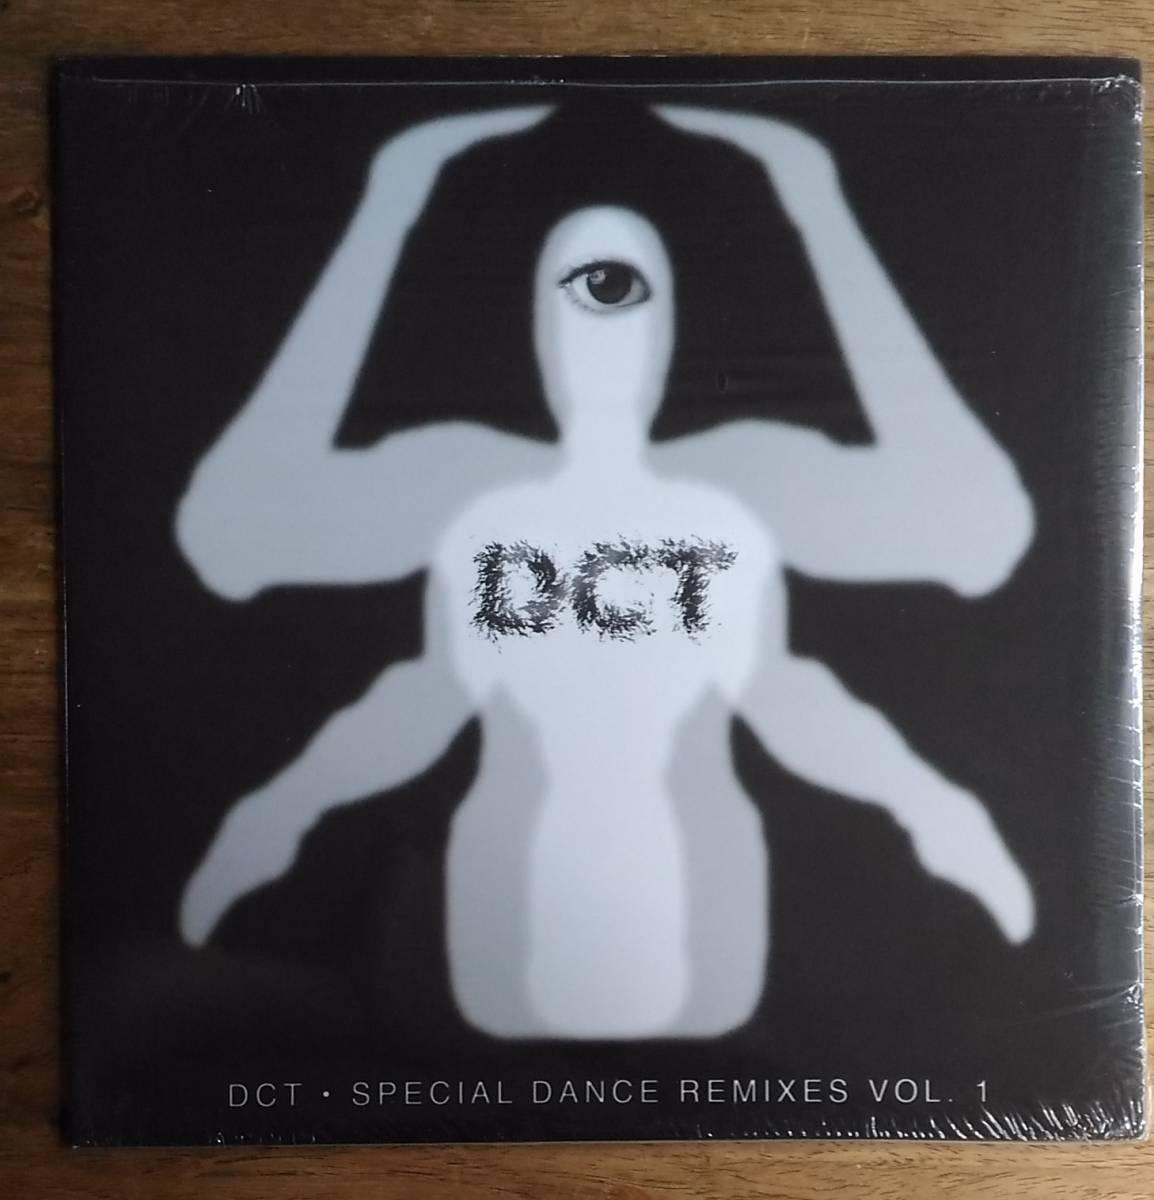 【中古】「Special dance remixes vol.1〜Song of joy/Ahaha」DCT/ドリームスカムトゥルー/12inch single